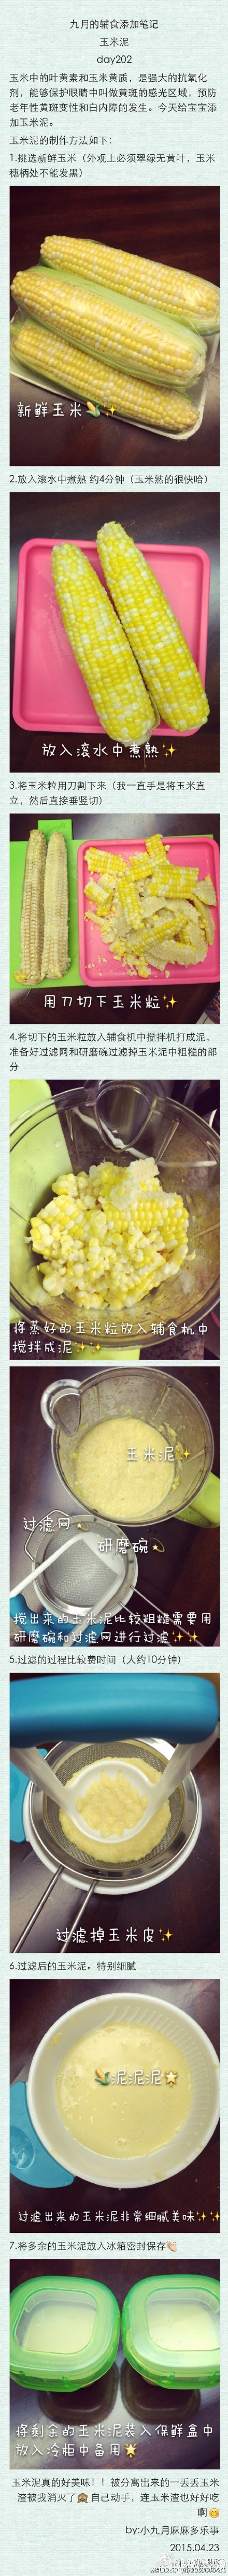 玉米泥适合7个月以上的宝宝,玉米适合作为宝宝的第一口粗粮,在做给宝宝的时候麻麻也可以做一份给自己哈